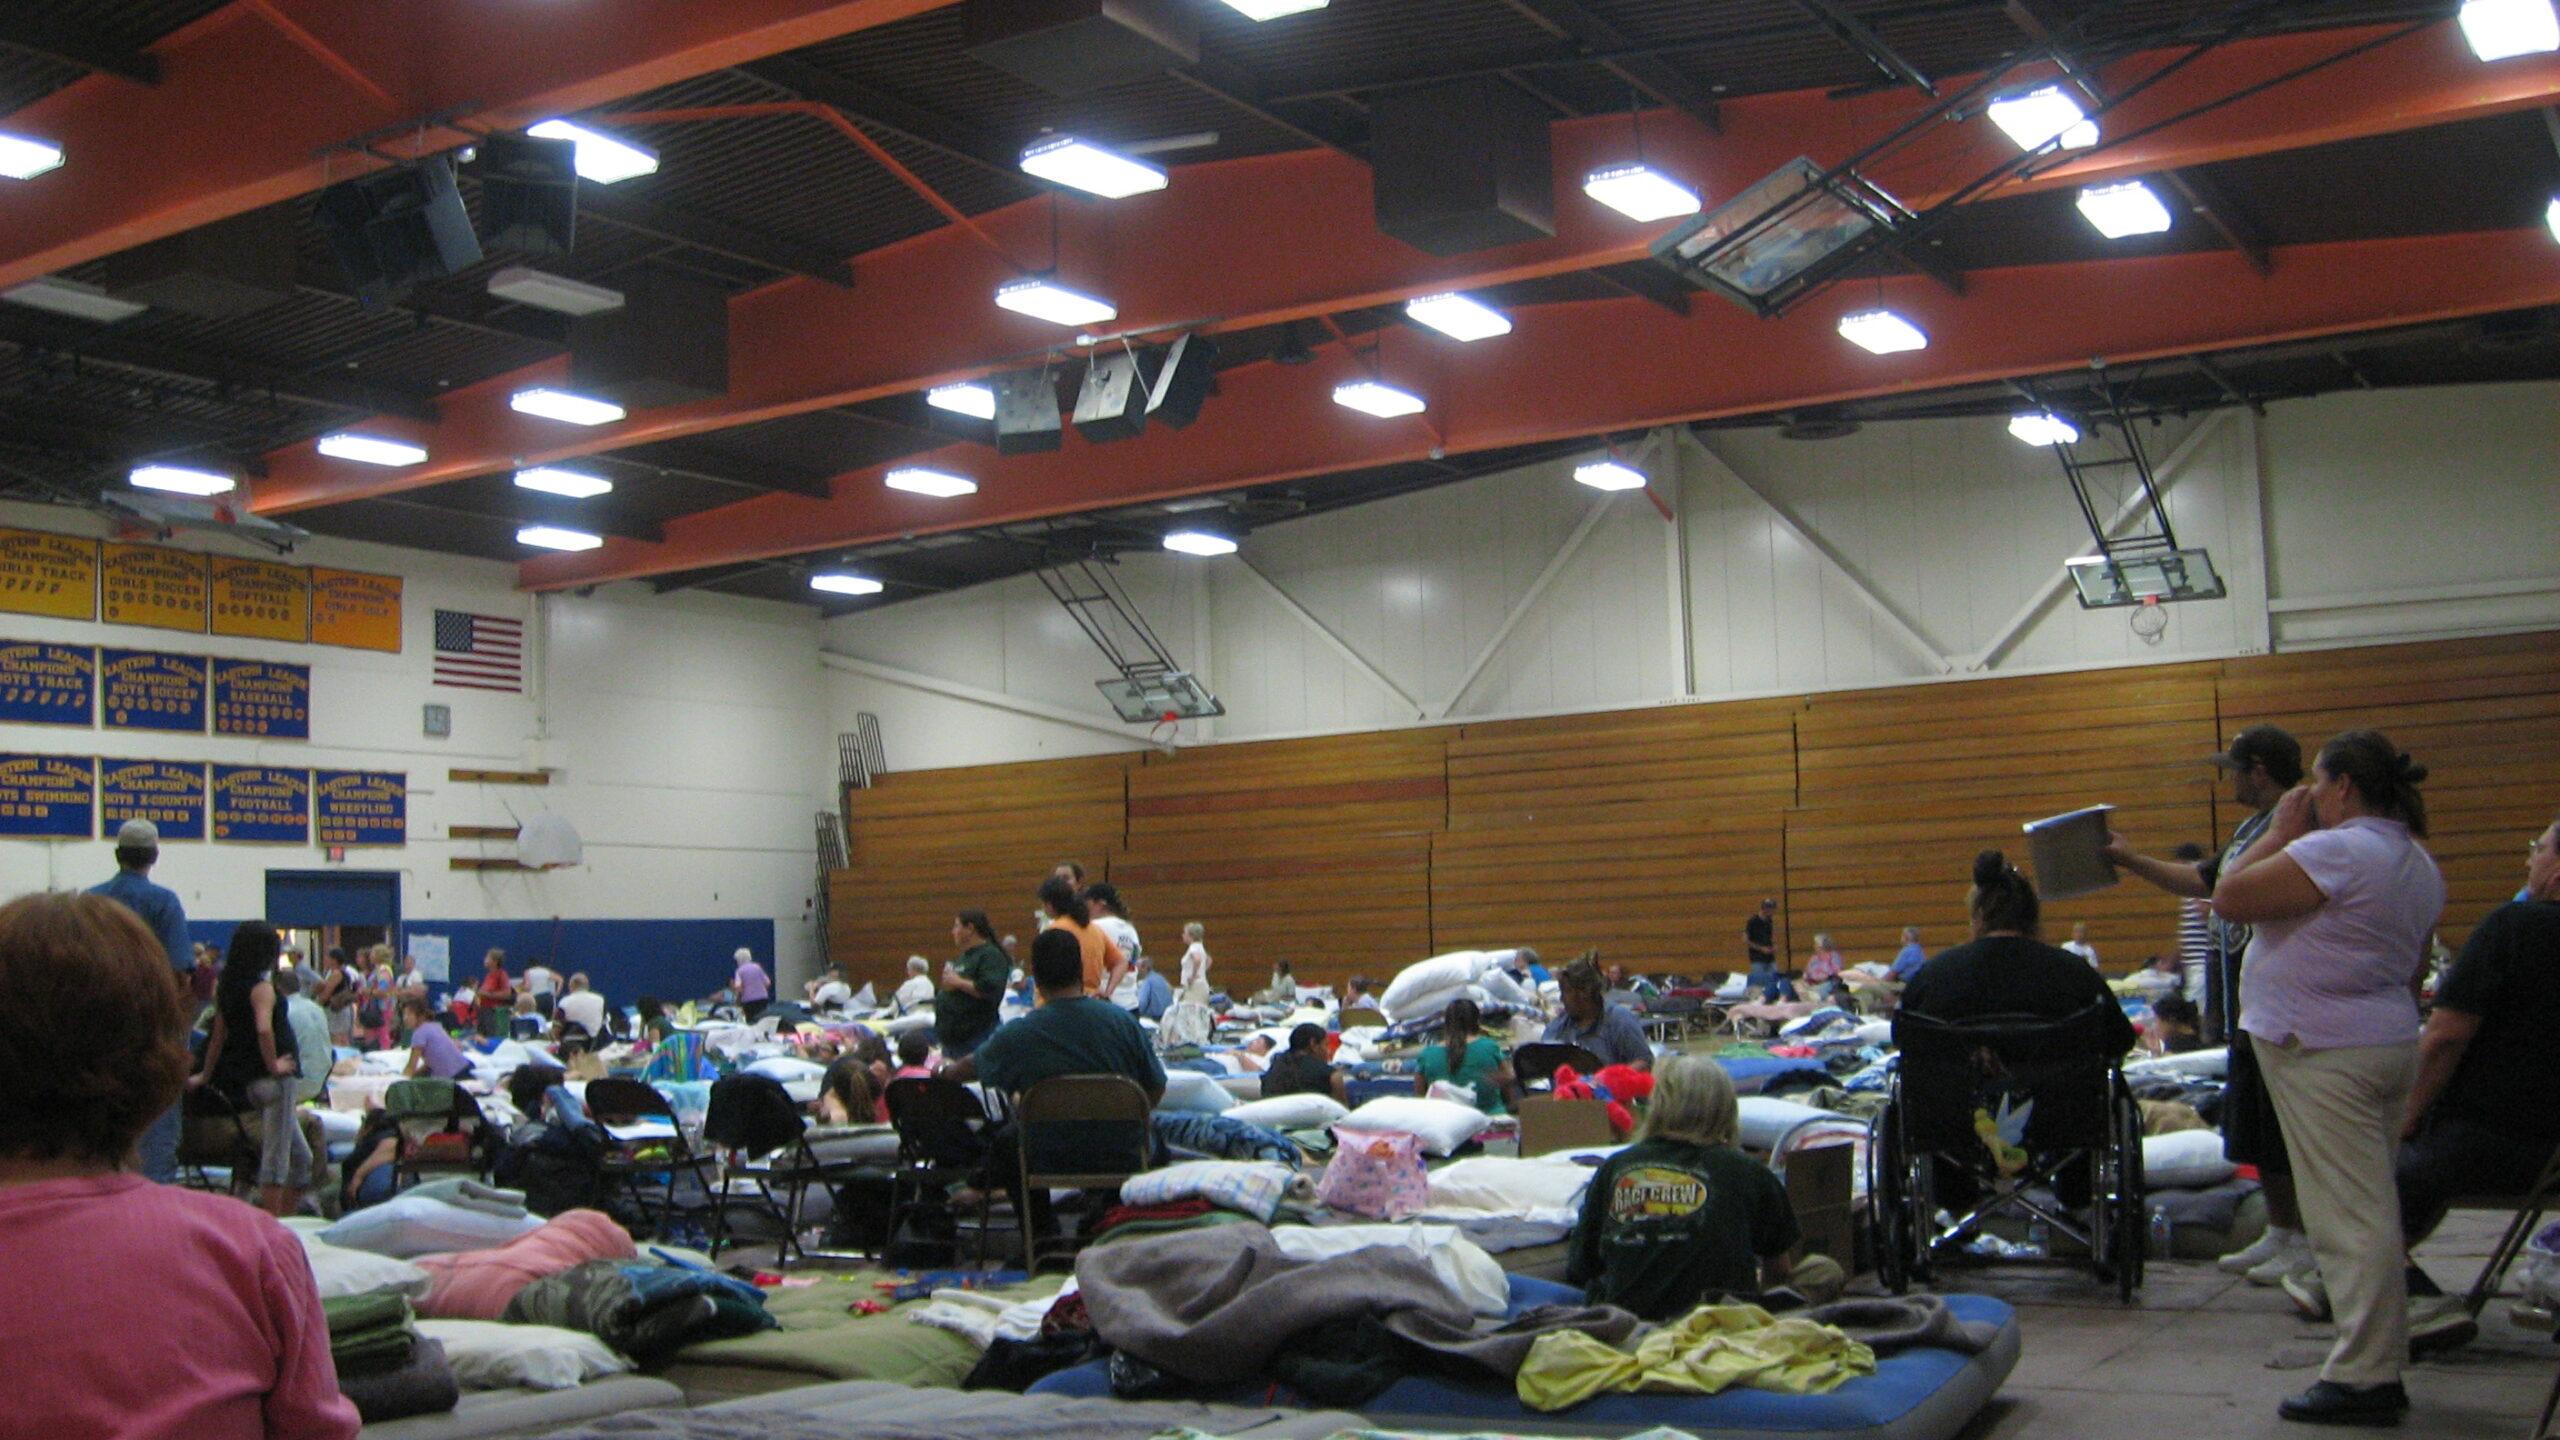 Evacuation Center